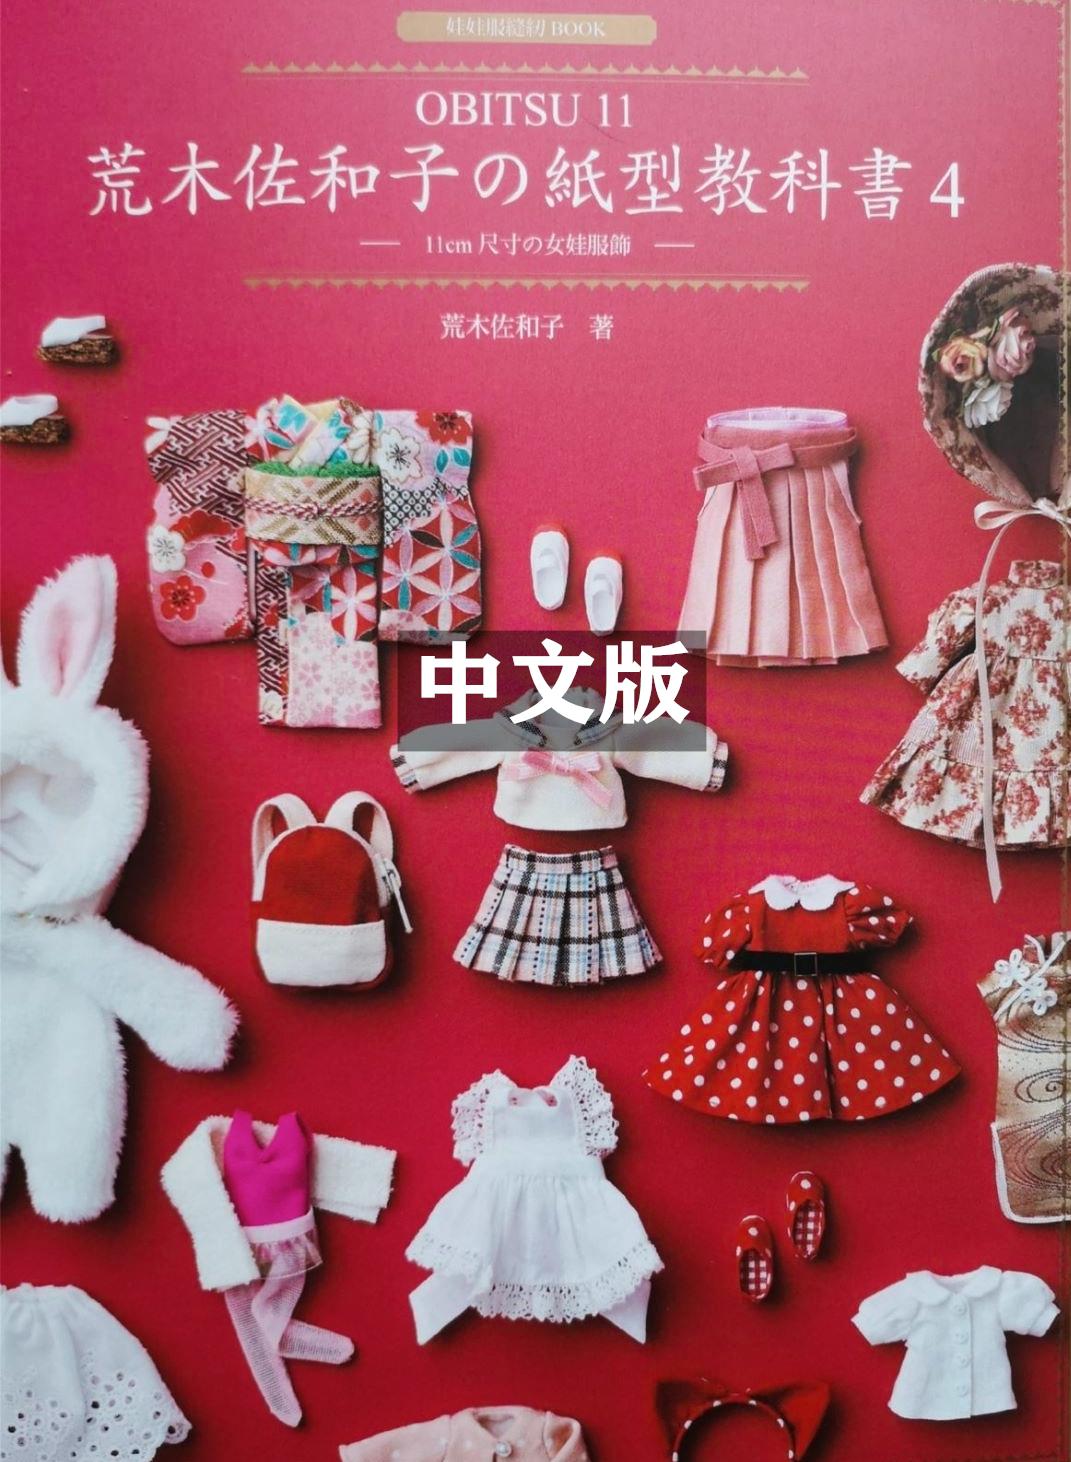 Ob11 childrens clothing tutorial sasako Araki paper textbook 4 Chinese bjd12 clothing pattern making drawings